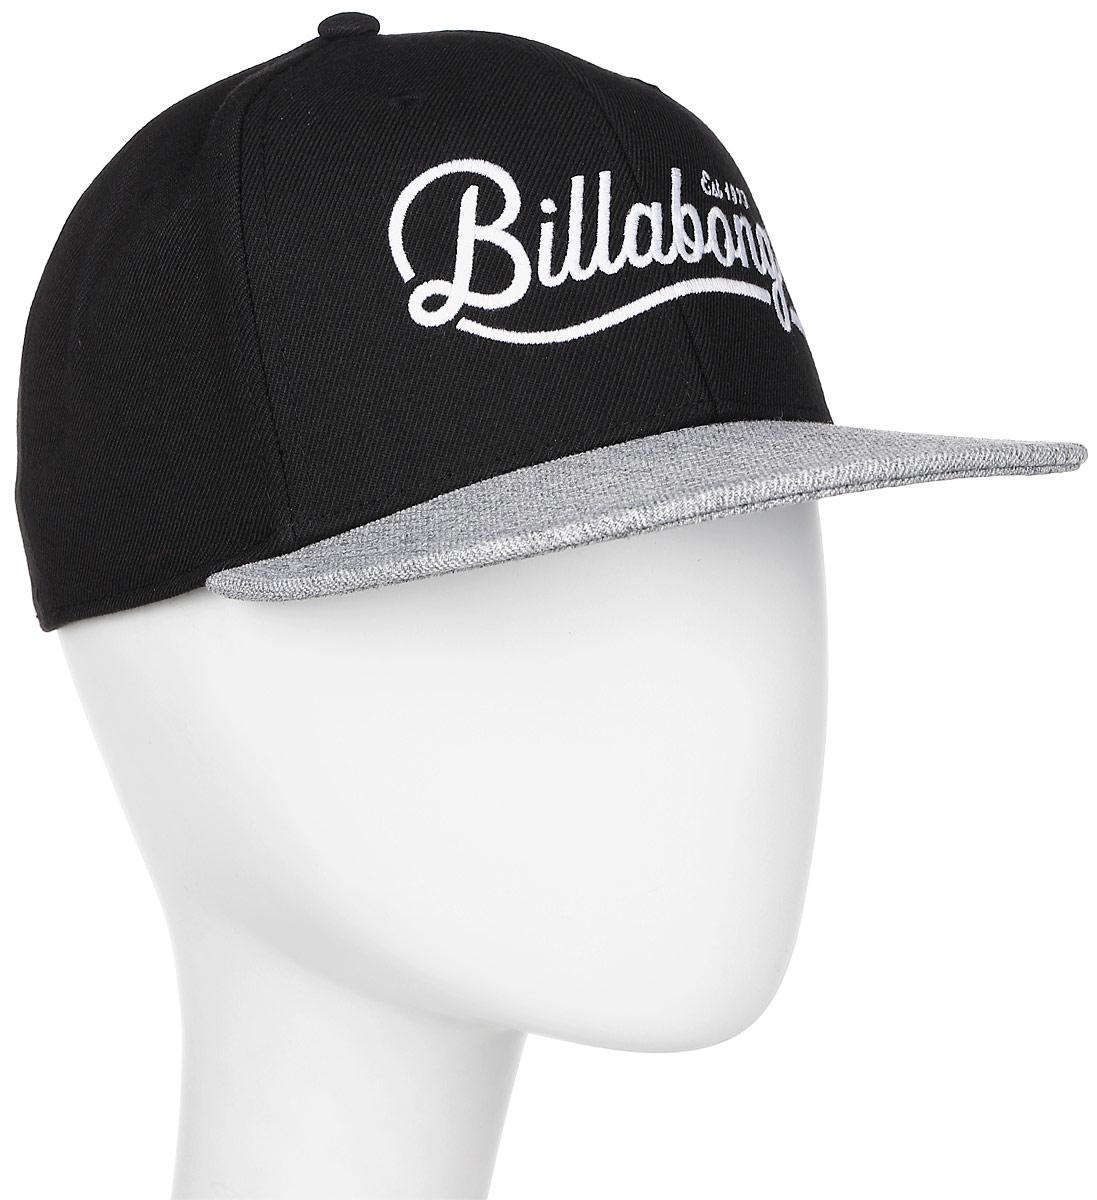 Бейсболка Billabong Varsity Fitted, цвет: черный, серый. 3607869368905. Размер M/L (54/57) набор посуды bekker bk 3618